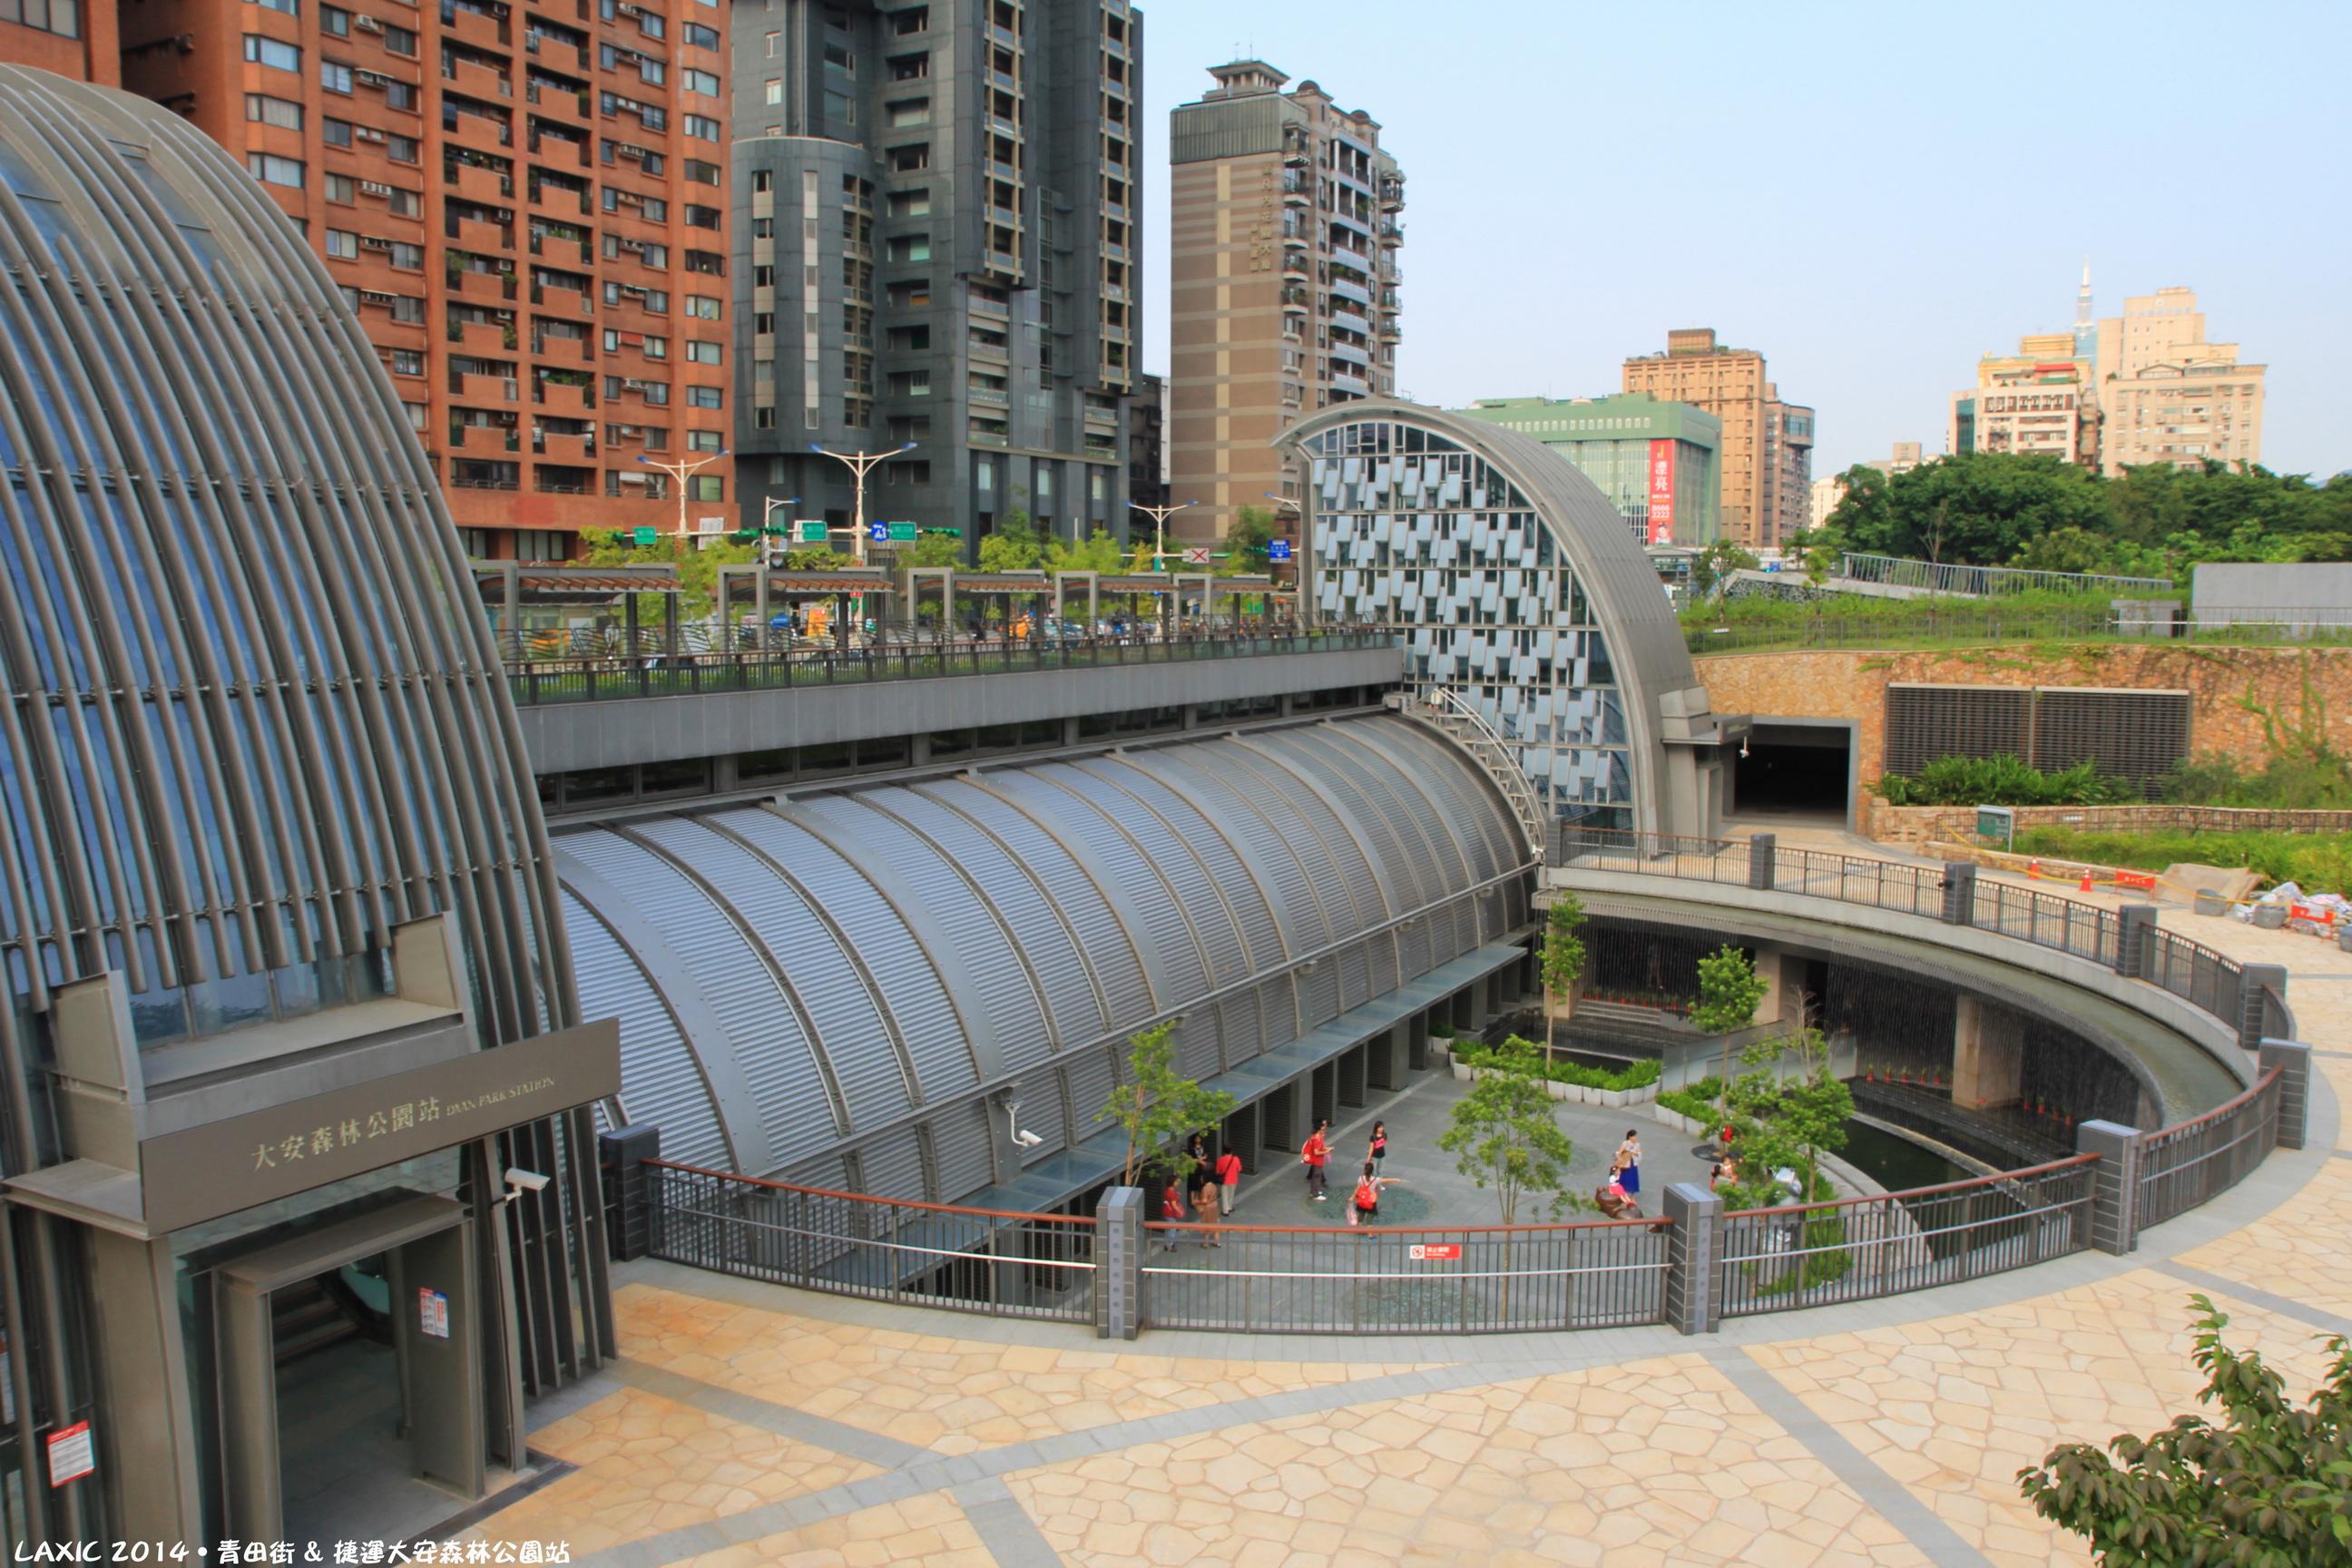 2014.08 青田街 & 捷運大安森林公園站